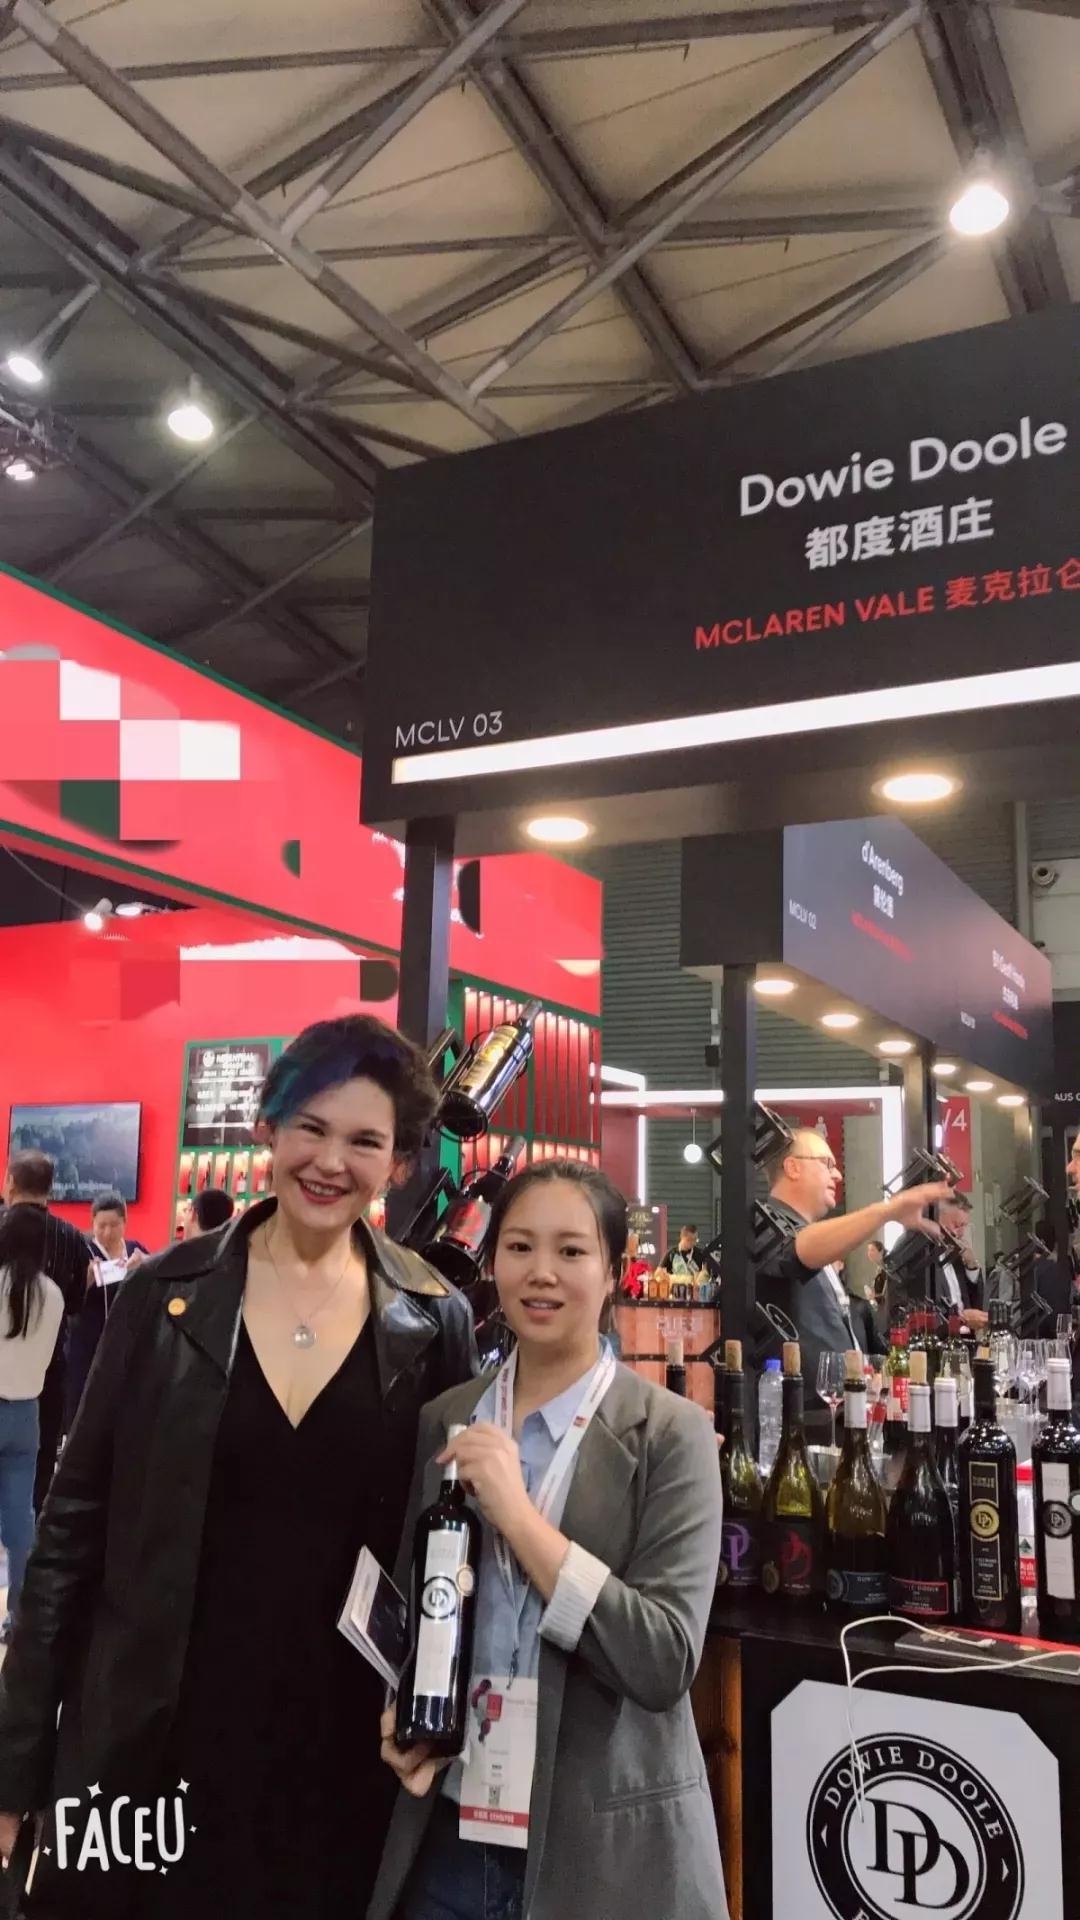 都度酒庄|2019澳大利亚都度酒庄· 中国大事纪